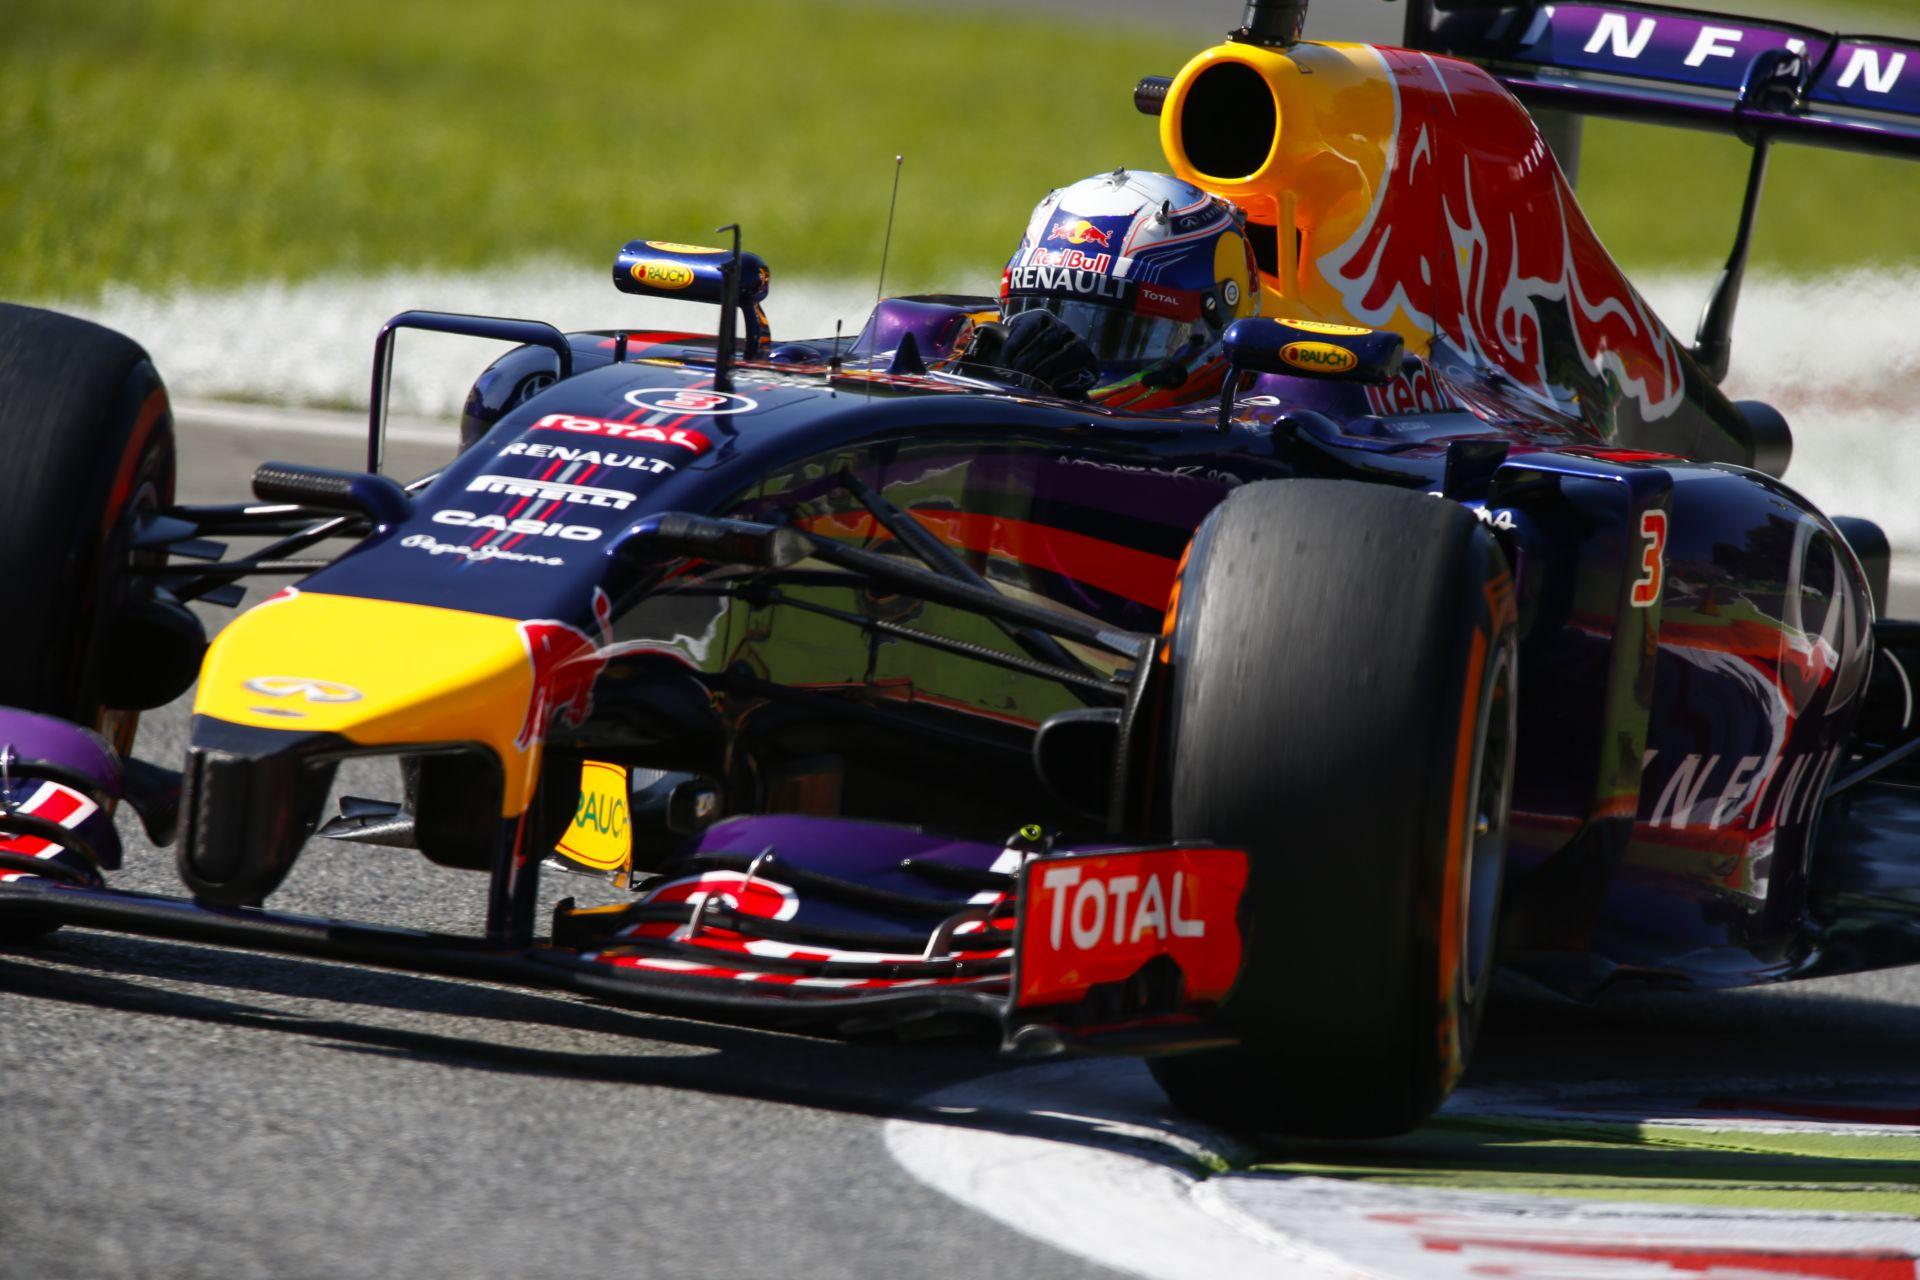 Ilyen gyorsan áll meg 361 km/óráról egy F1-es autó: Ricciardo eszméletlen féktávja